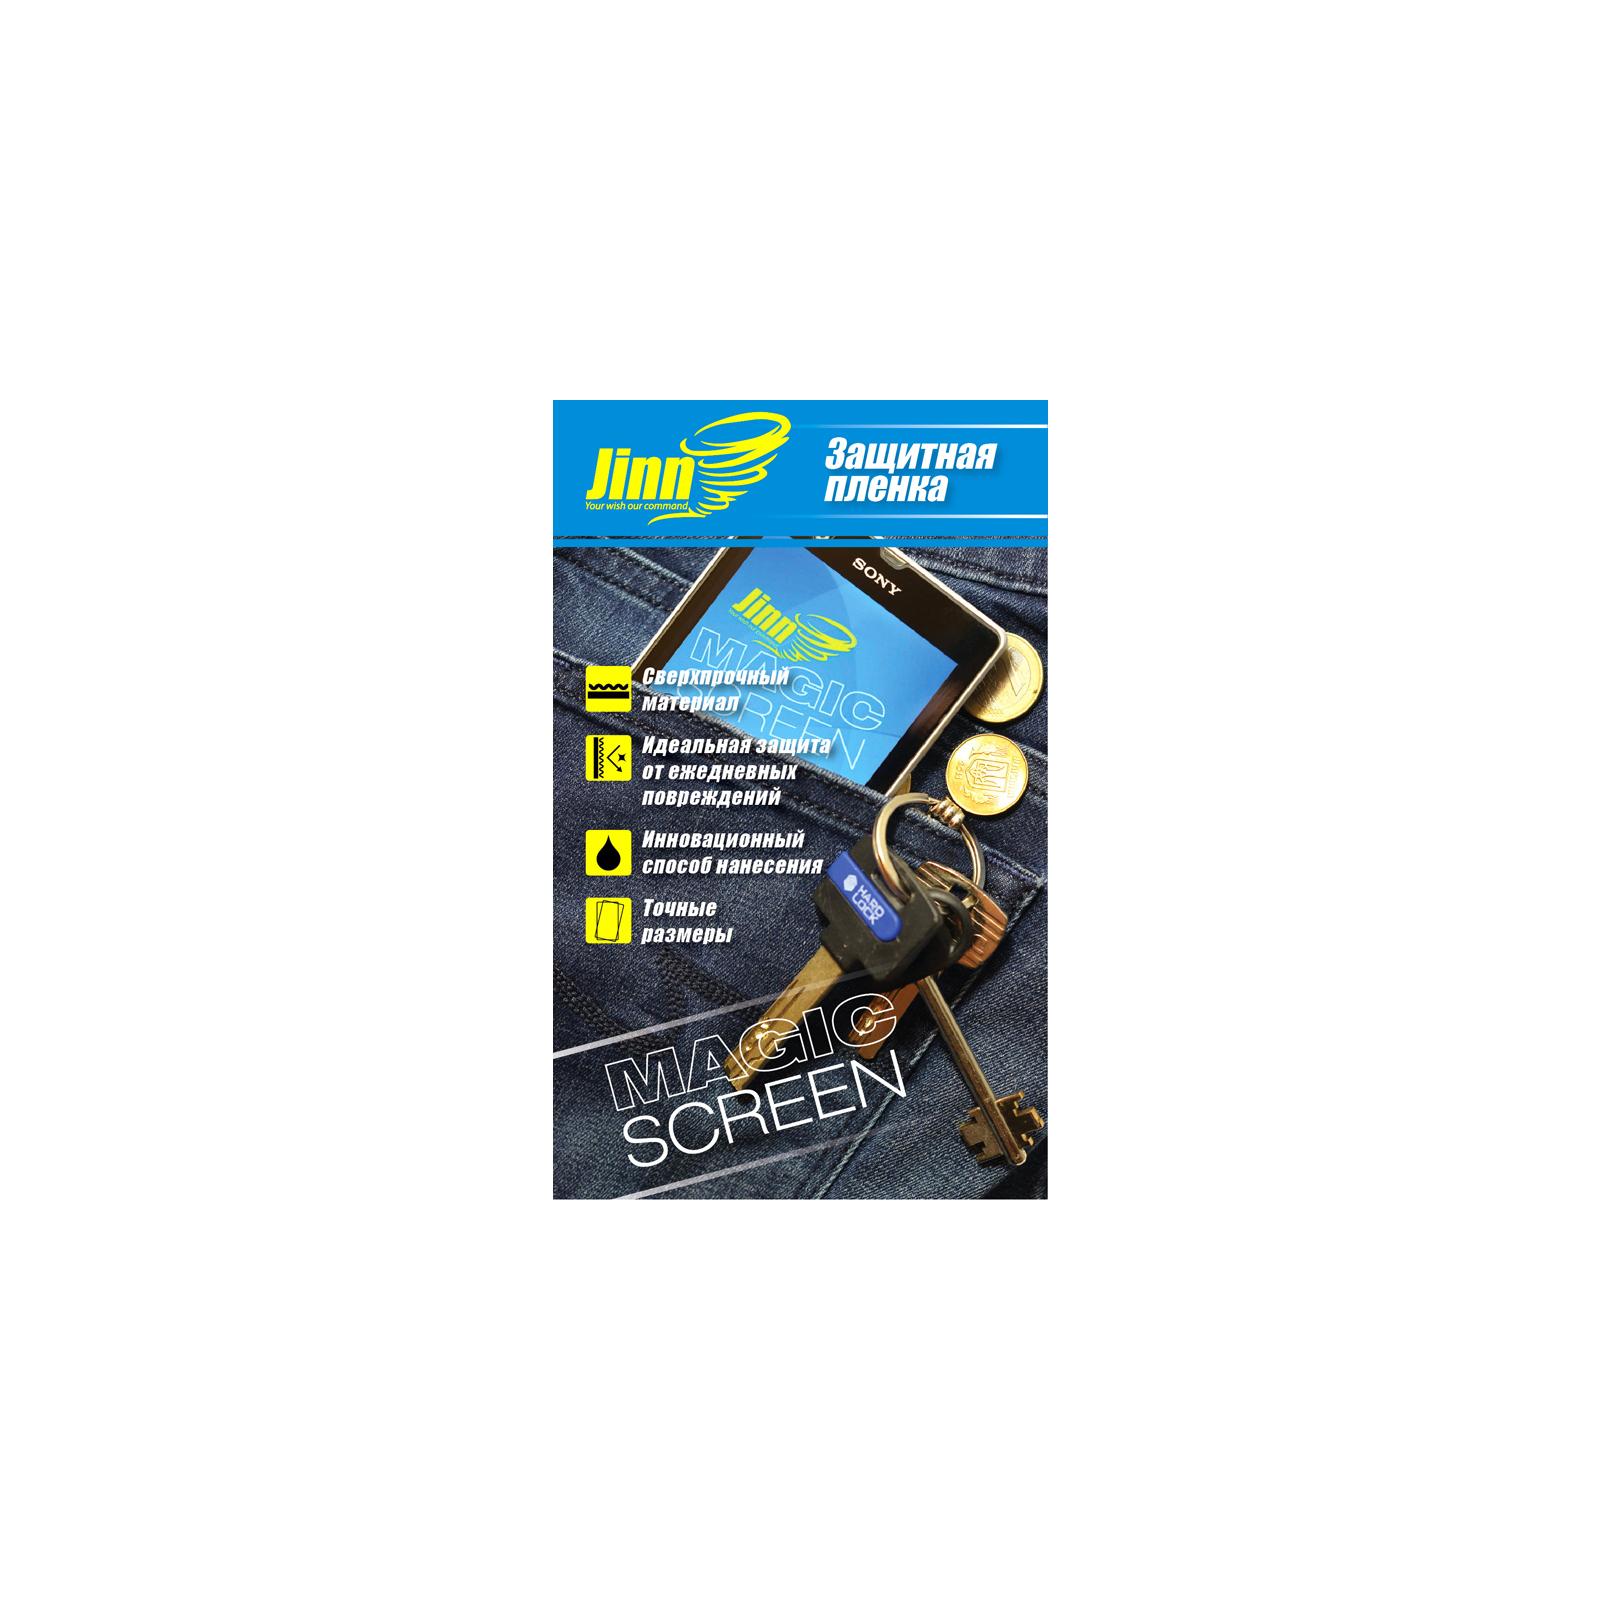 Пленка защитная JINN надміцна Magic Screen для Sony Xperia Z1 C6902 / C6903 (захи (Sony Xperia Z1 front)